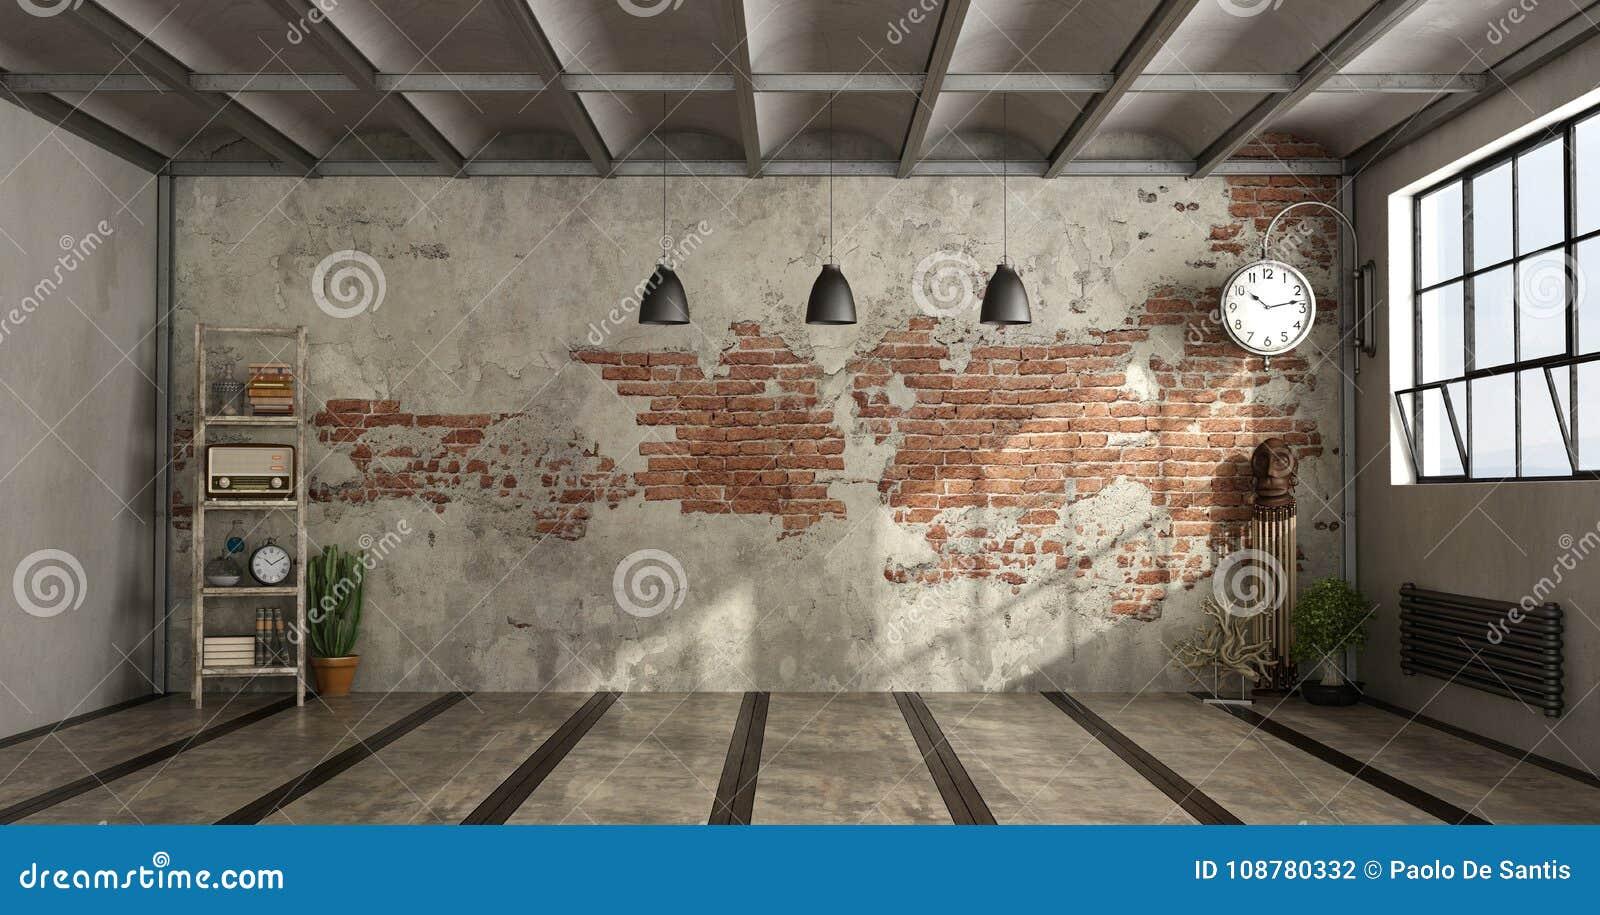 Industriele Loft Woonkamer : Lege woonkamer in industriële stijl stock illustratie